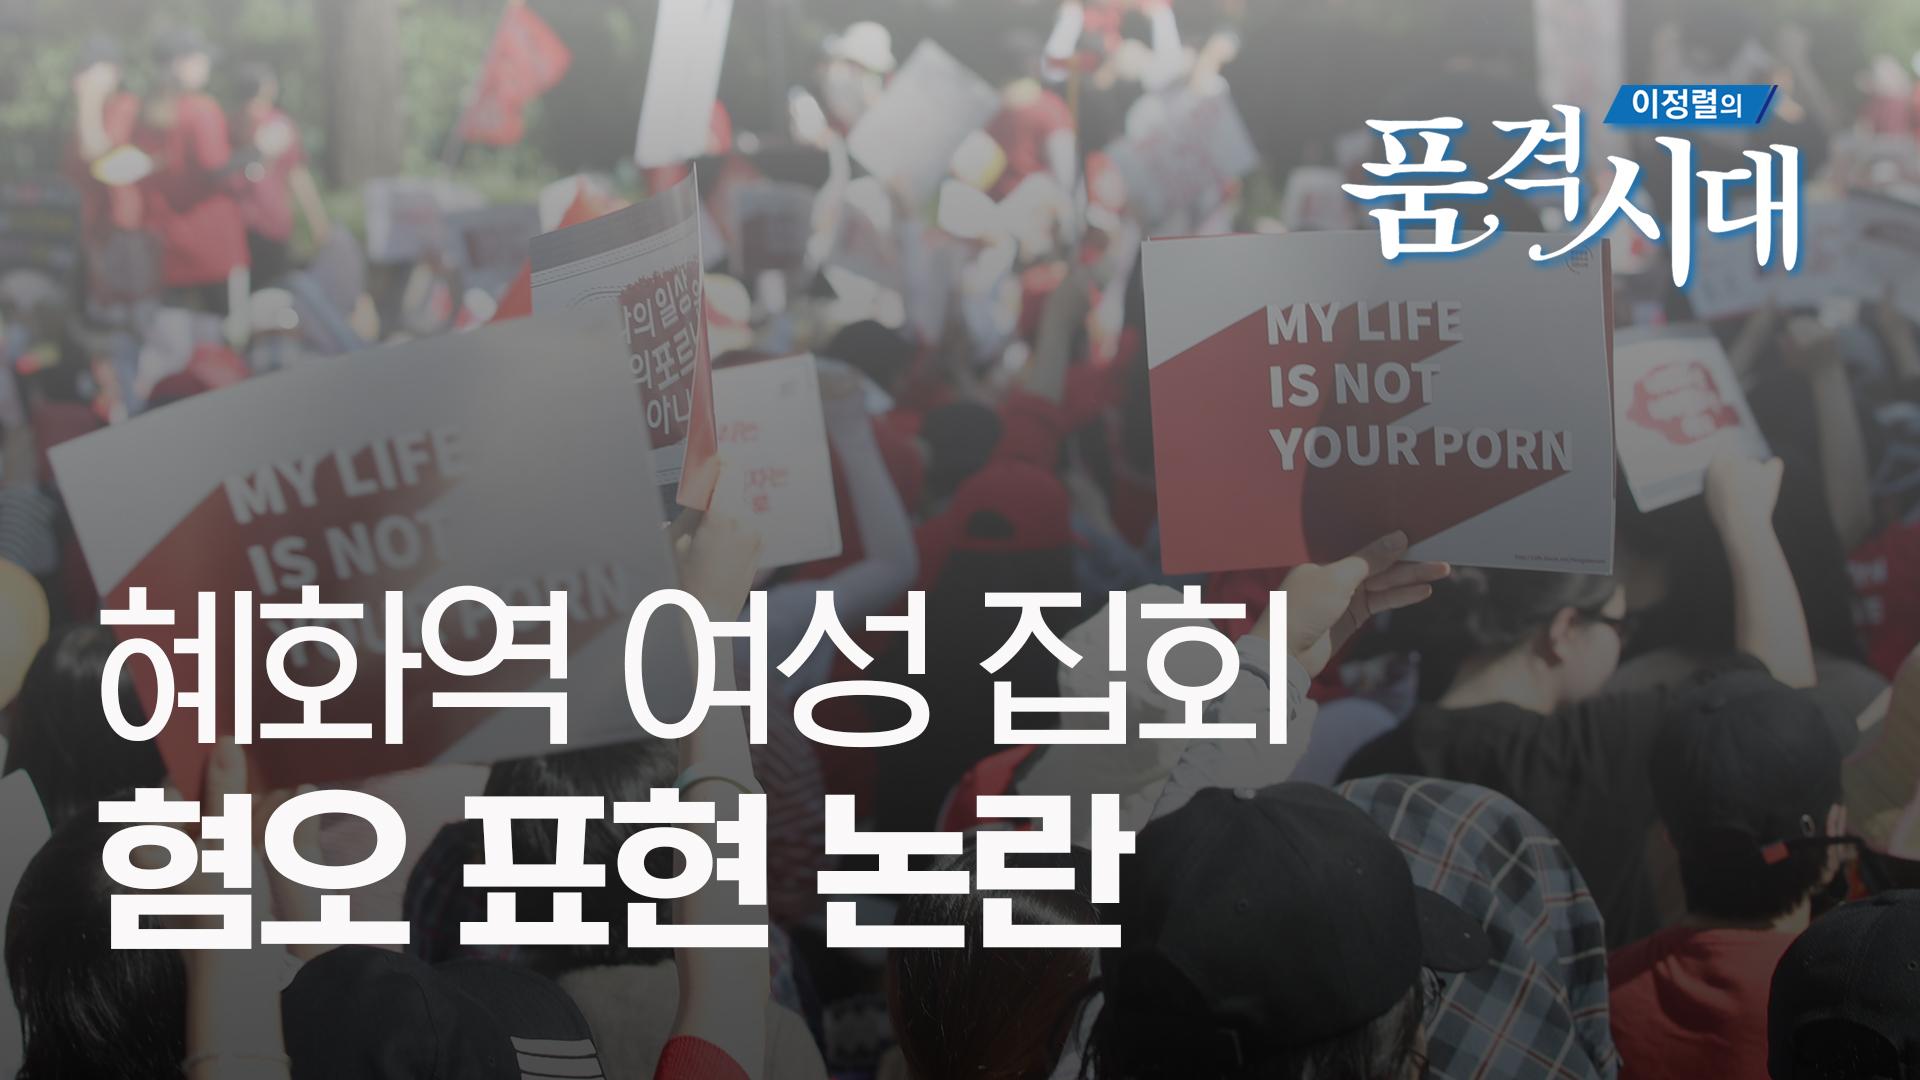 [이정렬의 품격시대 하이라이트] 혜화역 여성 집회, 혐오 표현 논란